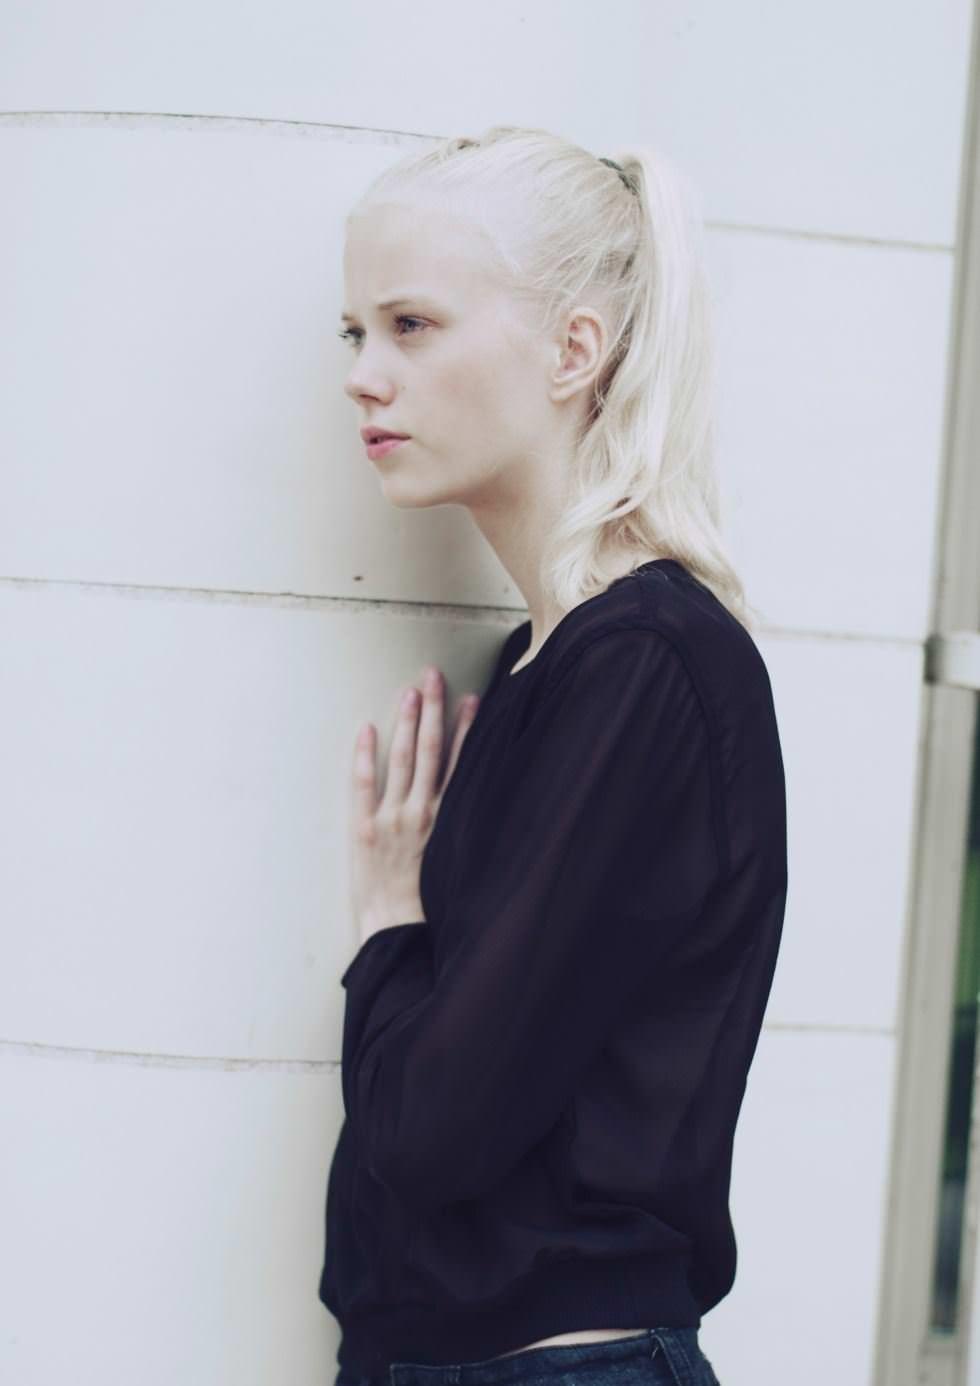 【外人】デンマークの妖精アメリー·シュミット(Amalie Schmidt)が異常な程可愛いポルノ画像 2291